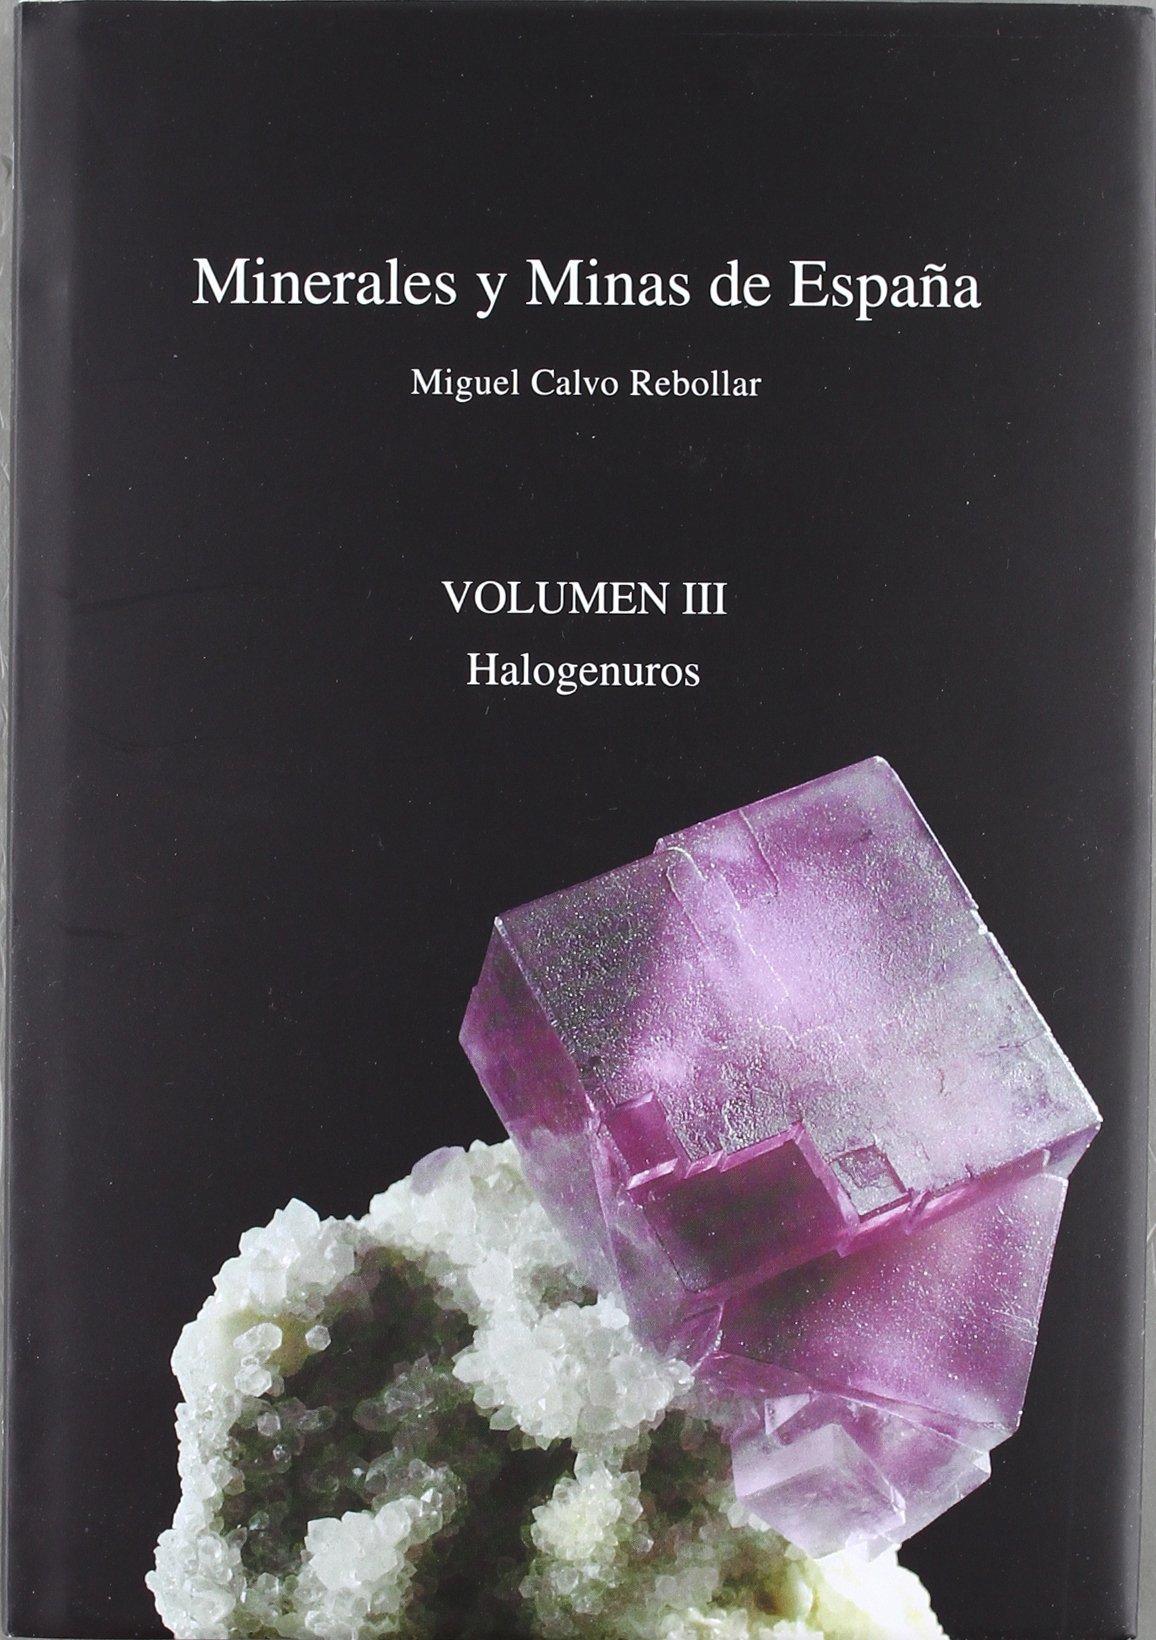 Minerales Y Minas De España Vol. Iii - Halogenuros: Amazon.es: Calvo Rebollar, Miguel: Libros